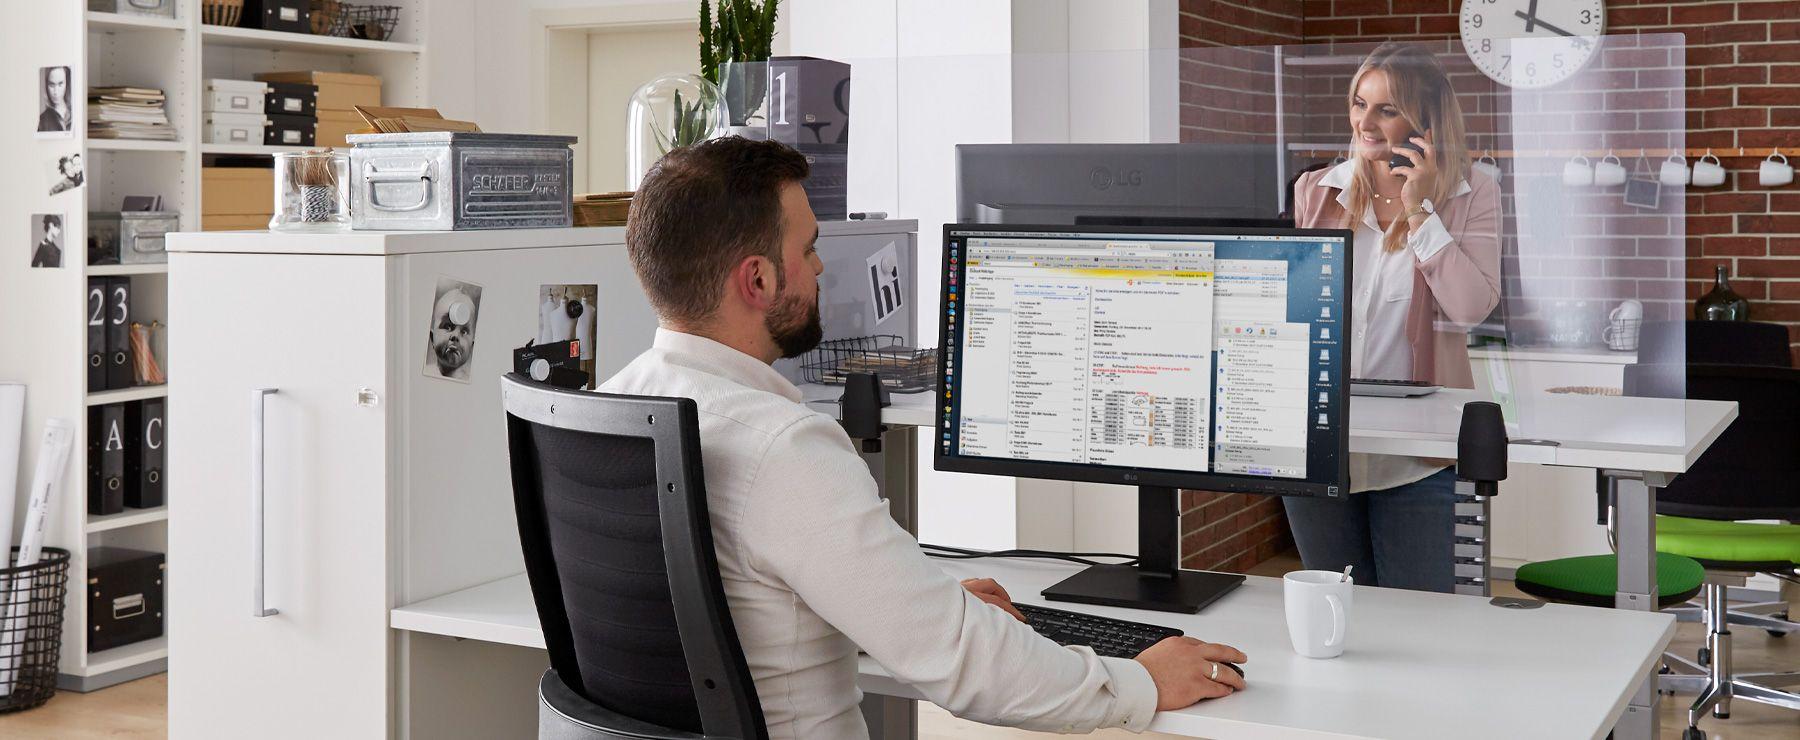 Frau und Mann arbeiten mit einer Trennwand sicher im Büro